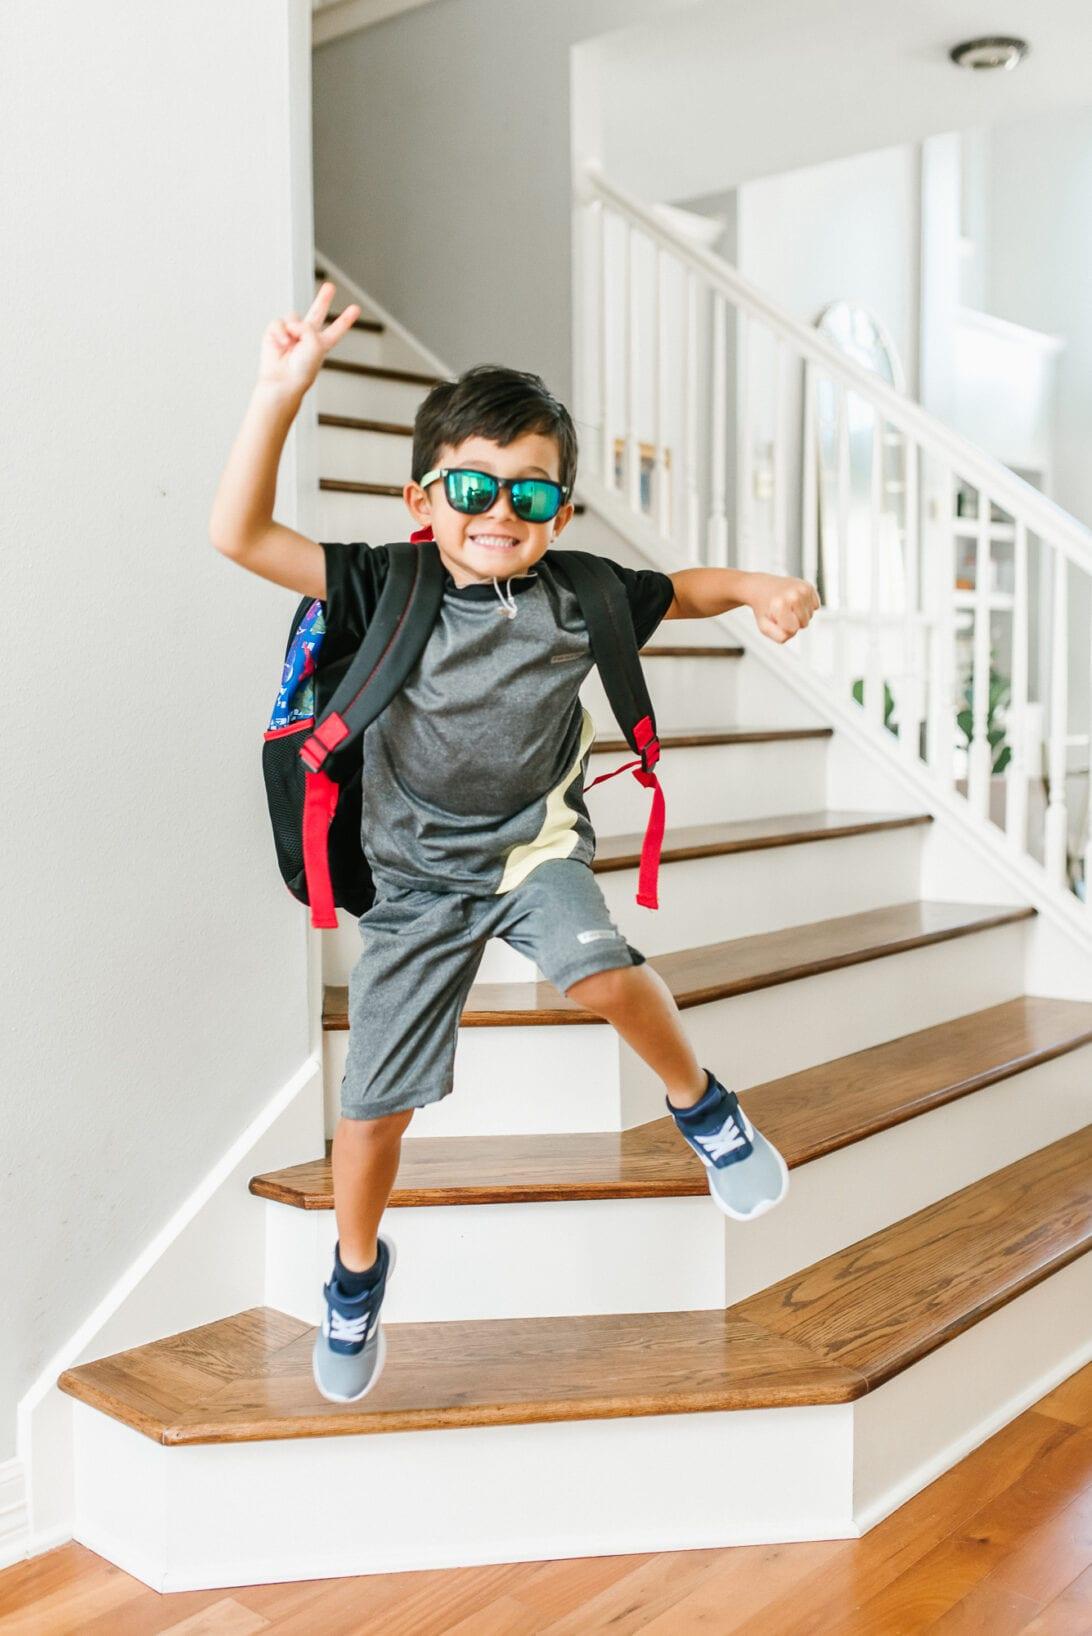 kid style, kid fashion, boy school style, boy school fashion